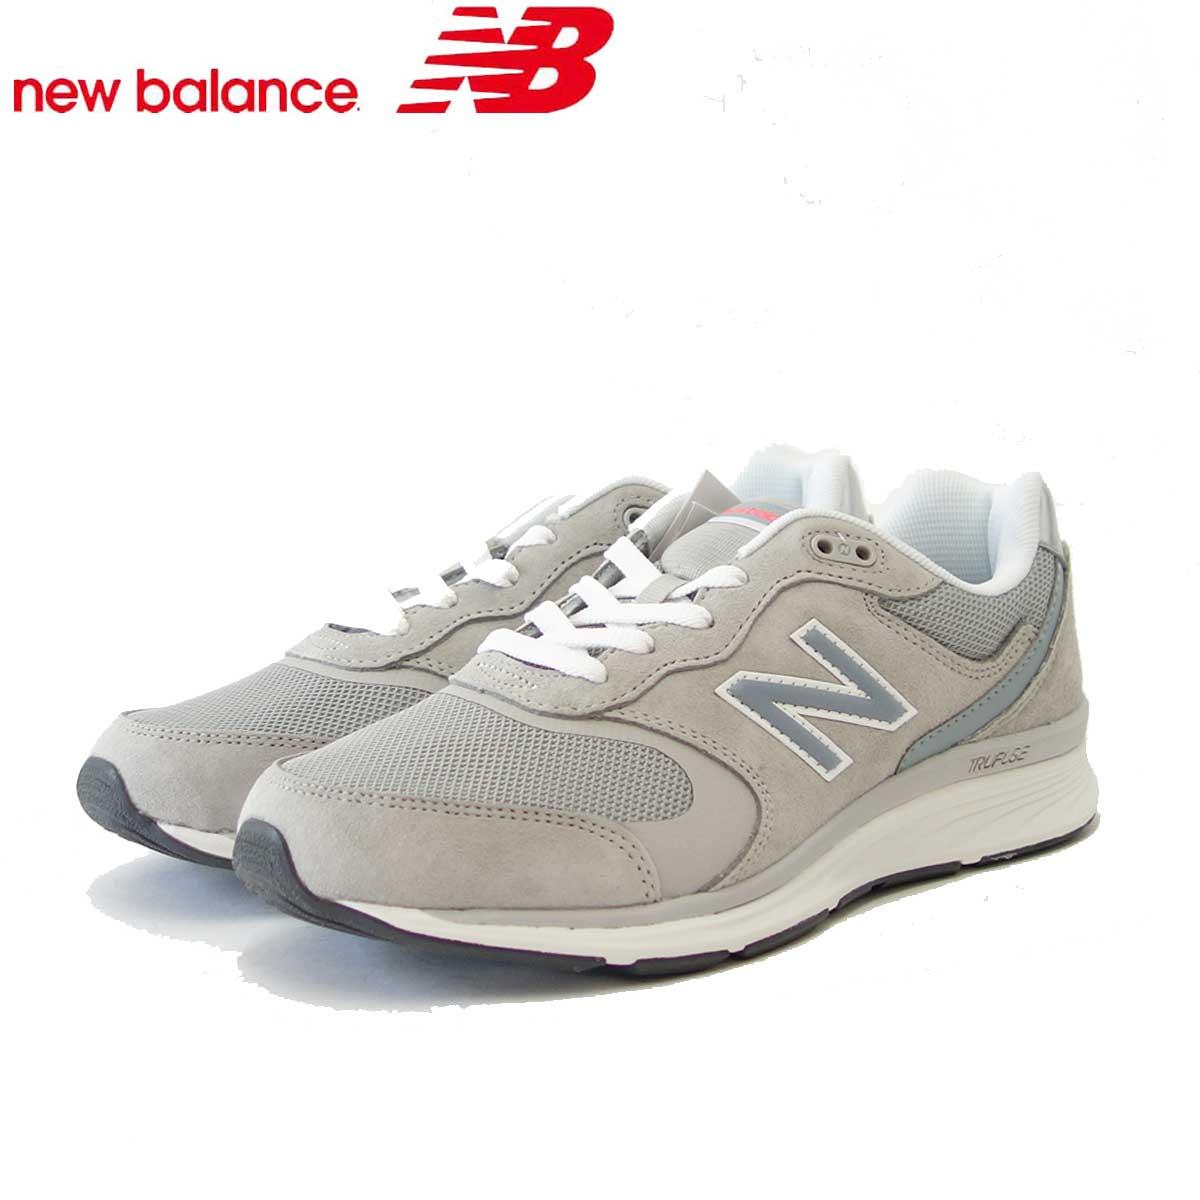 ニューバランス new balance WW880 GY4 グレー(レディース) 「靴」